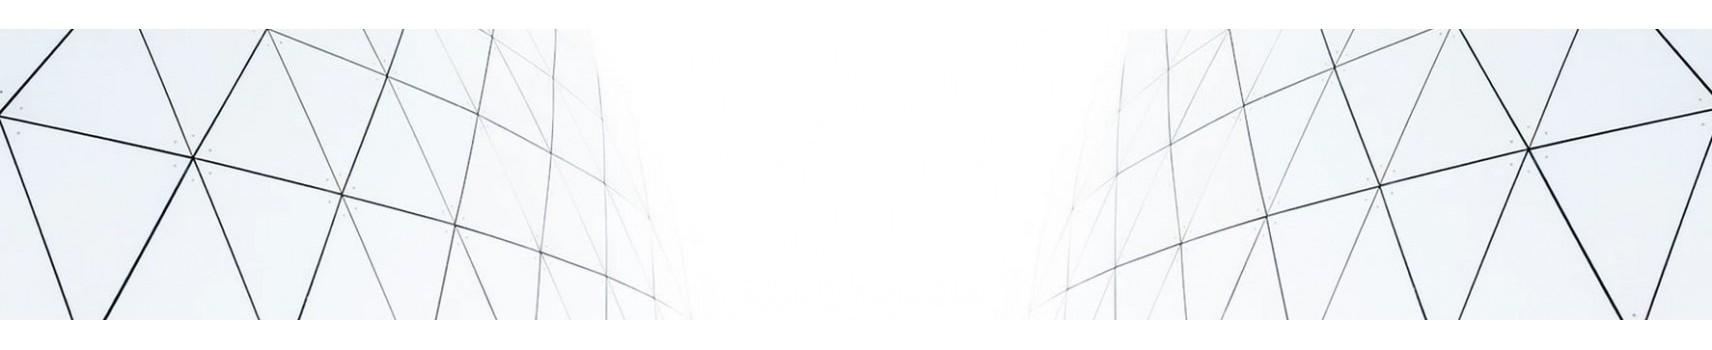 Las Mejores Camas Bariátricas | Envío Gratis en 24-48h